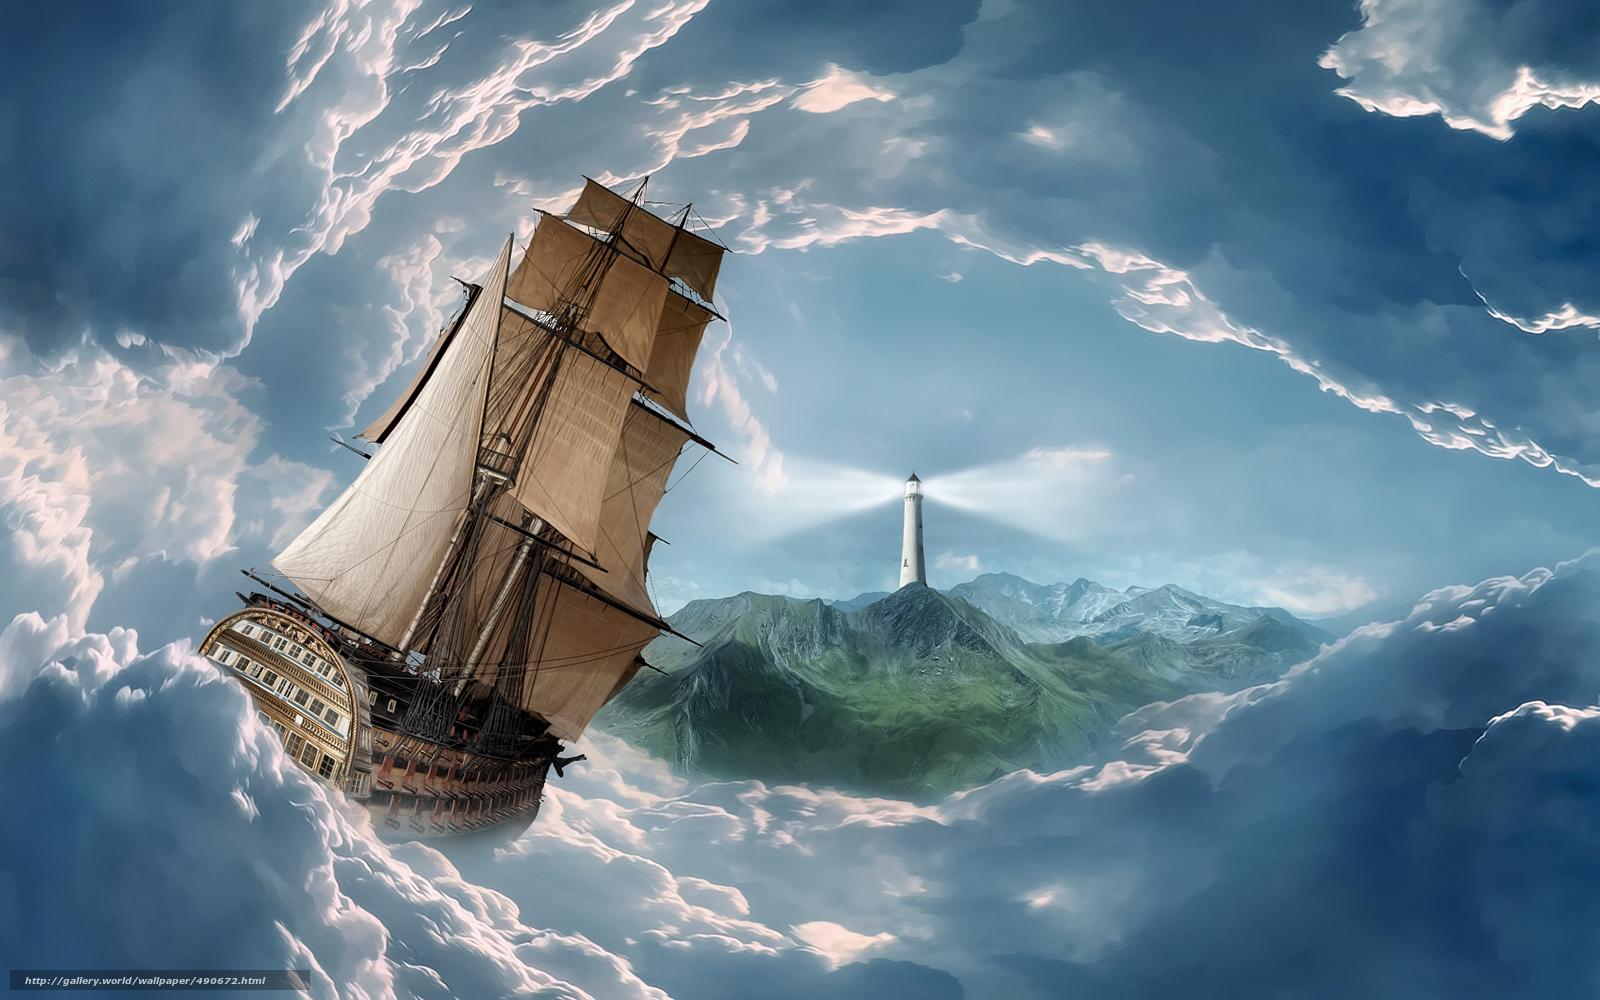 Photo Un aqueduc et des nuages deviennent un voilier en train de